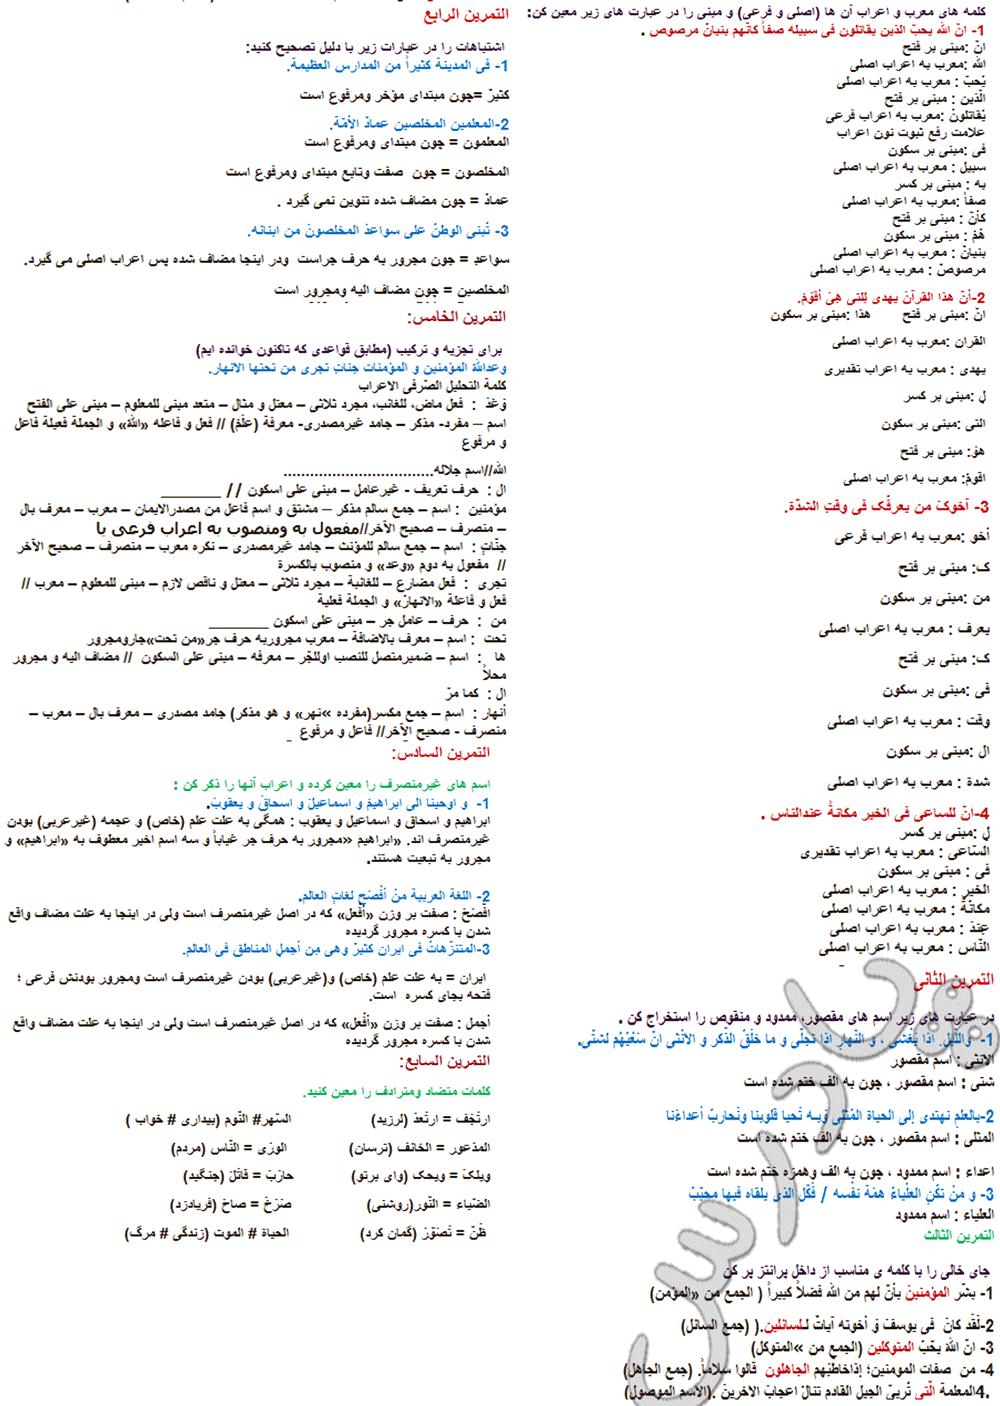 حل تمرینات درس 4 عربی پیش دانشگاهی انسانی